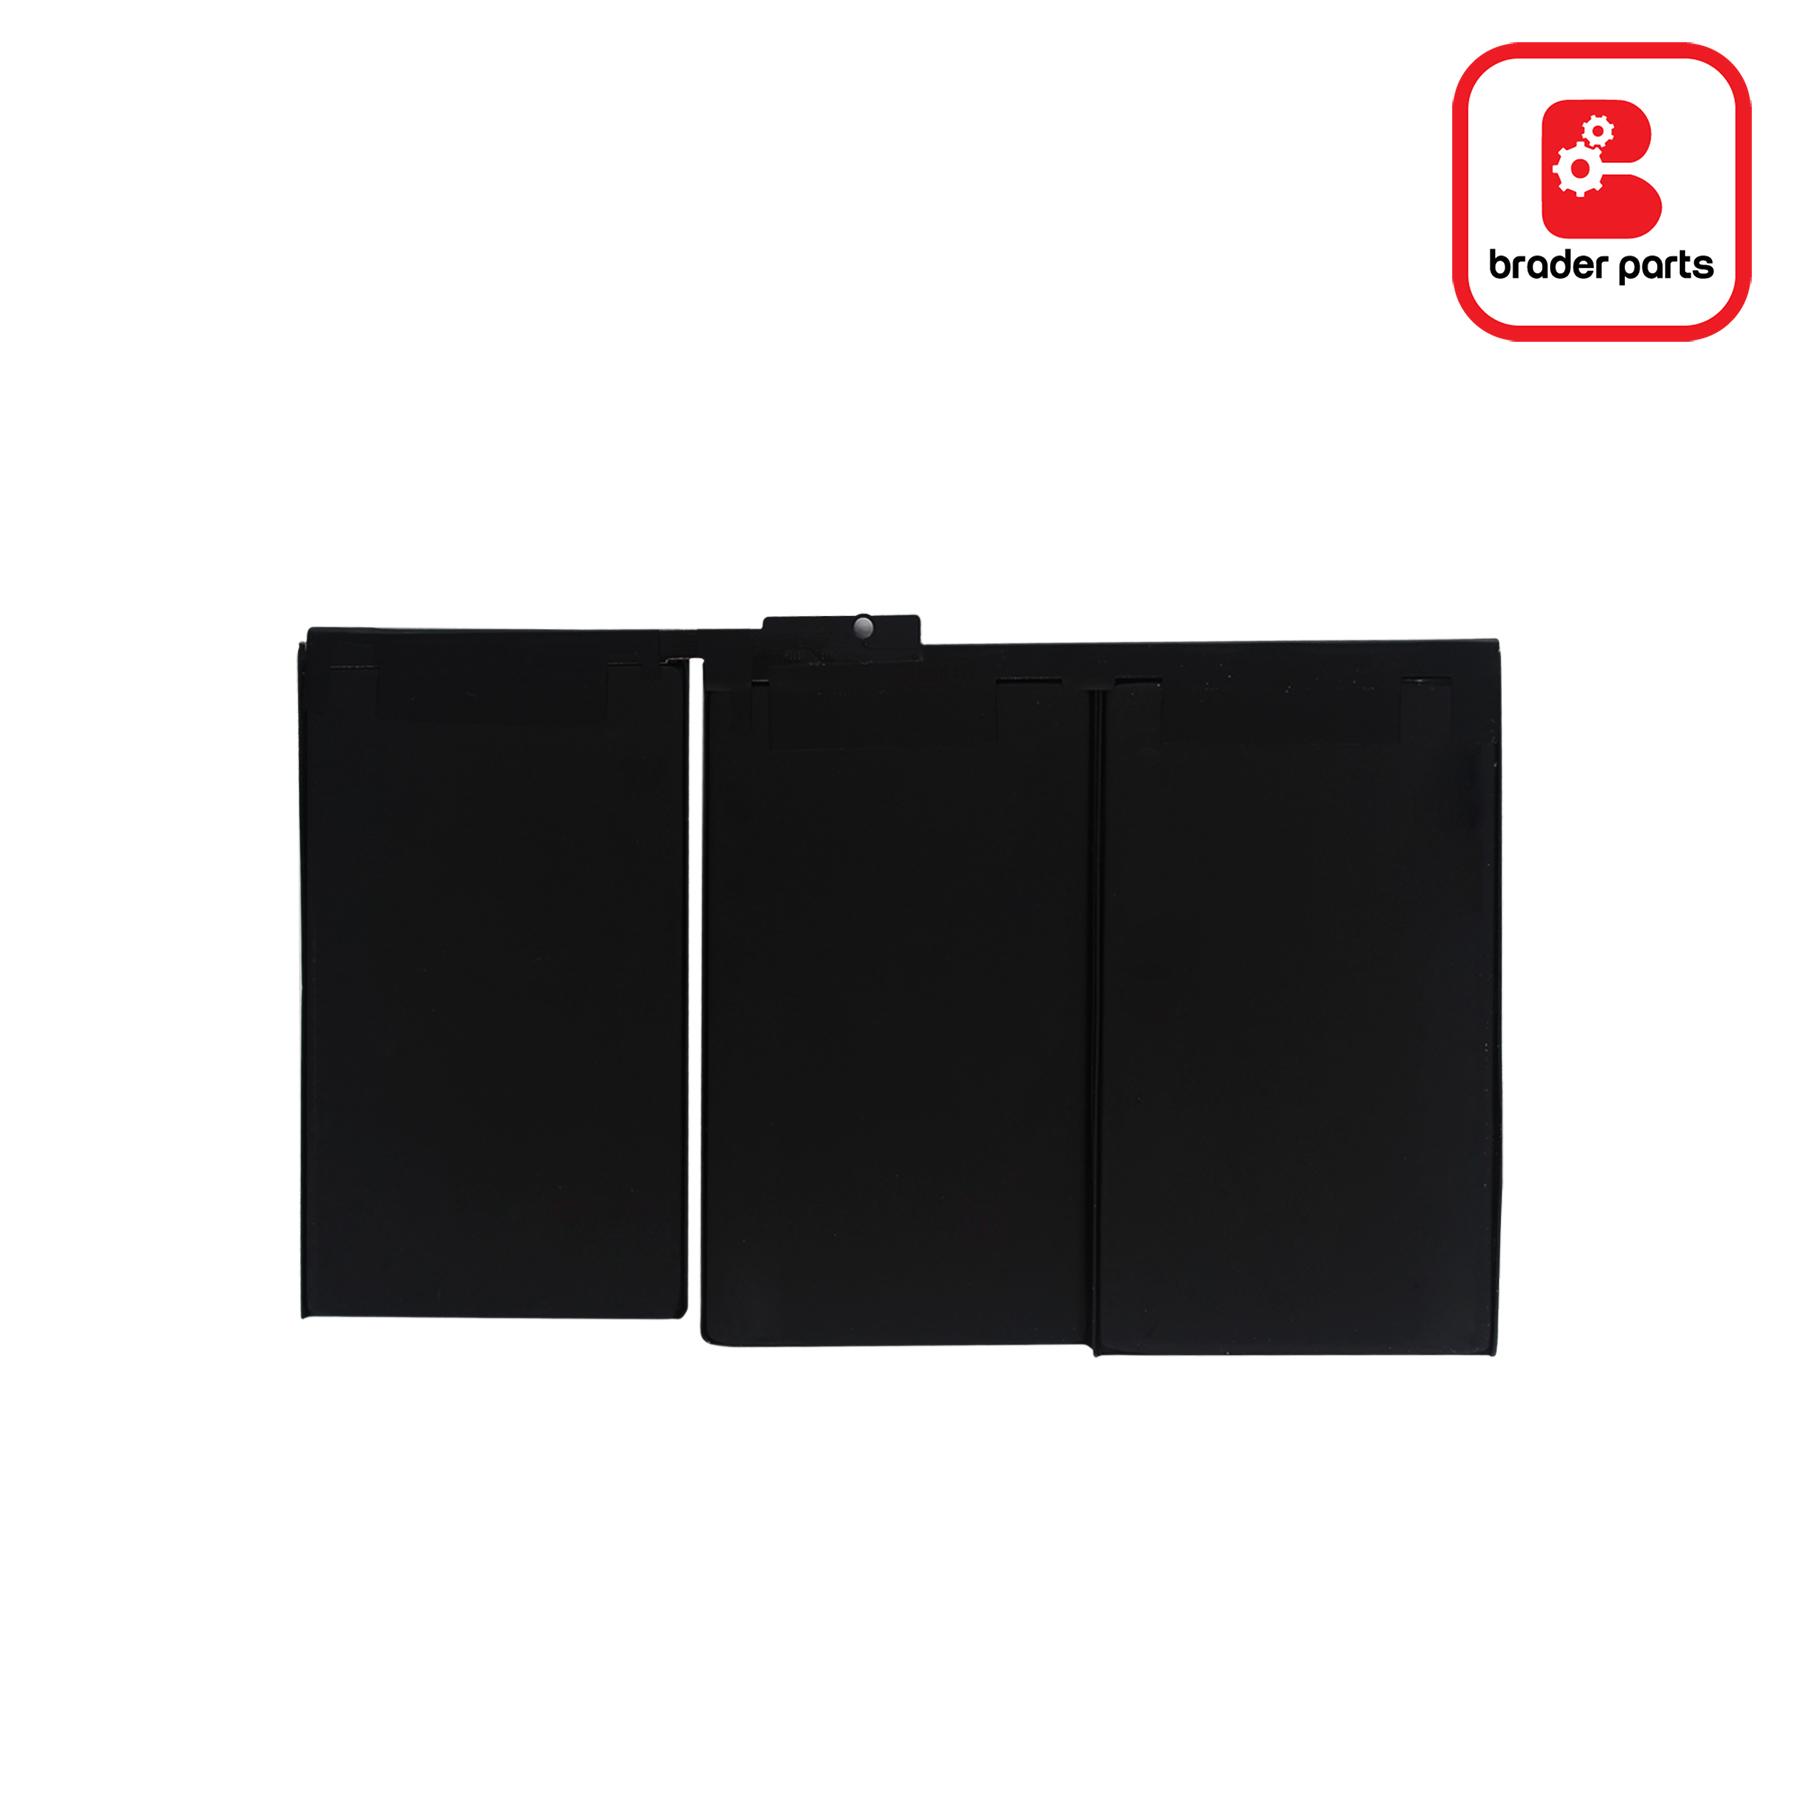 Baterai iPad 2